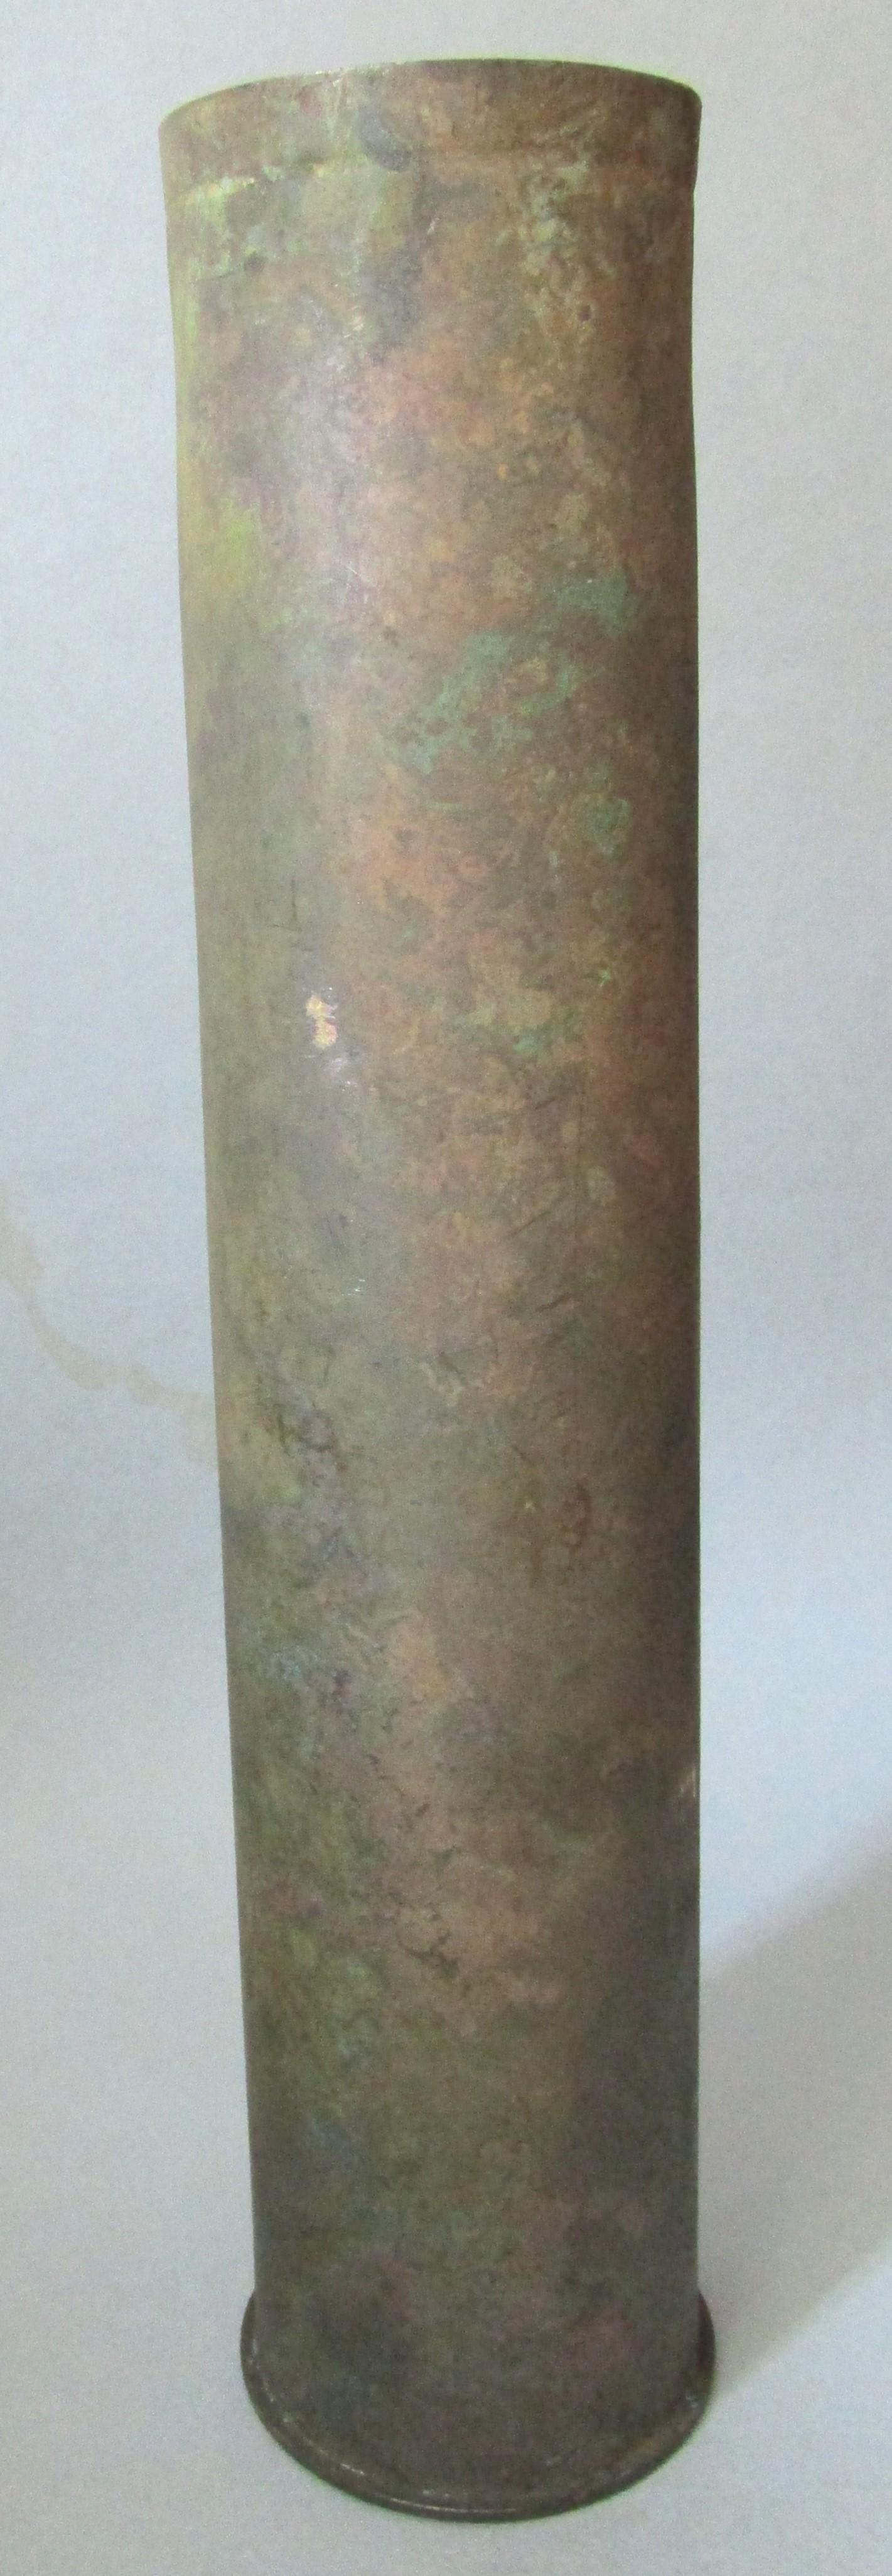 Гільза до 76,2 мм снаряду